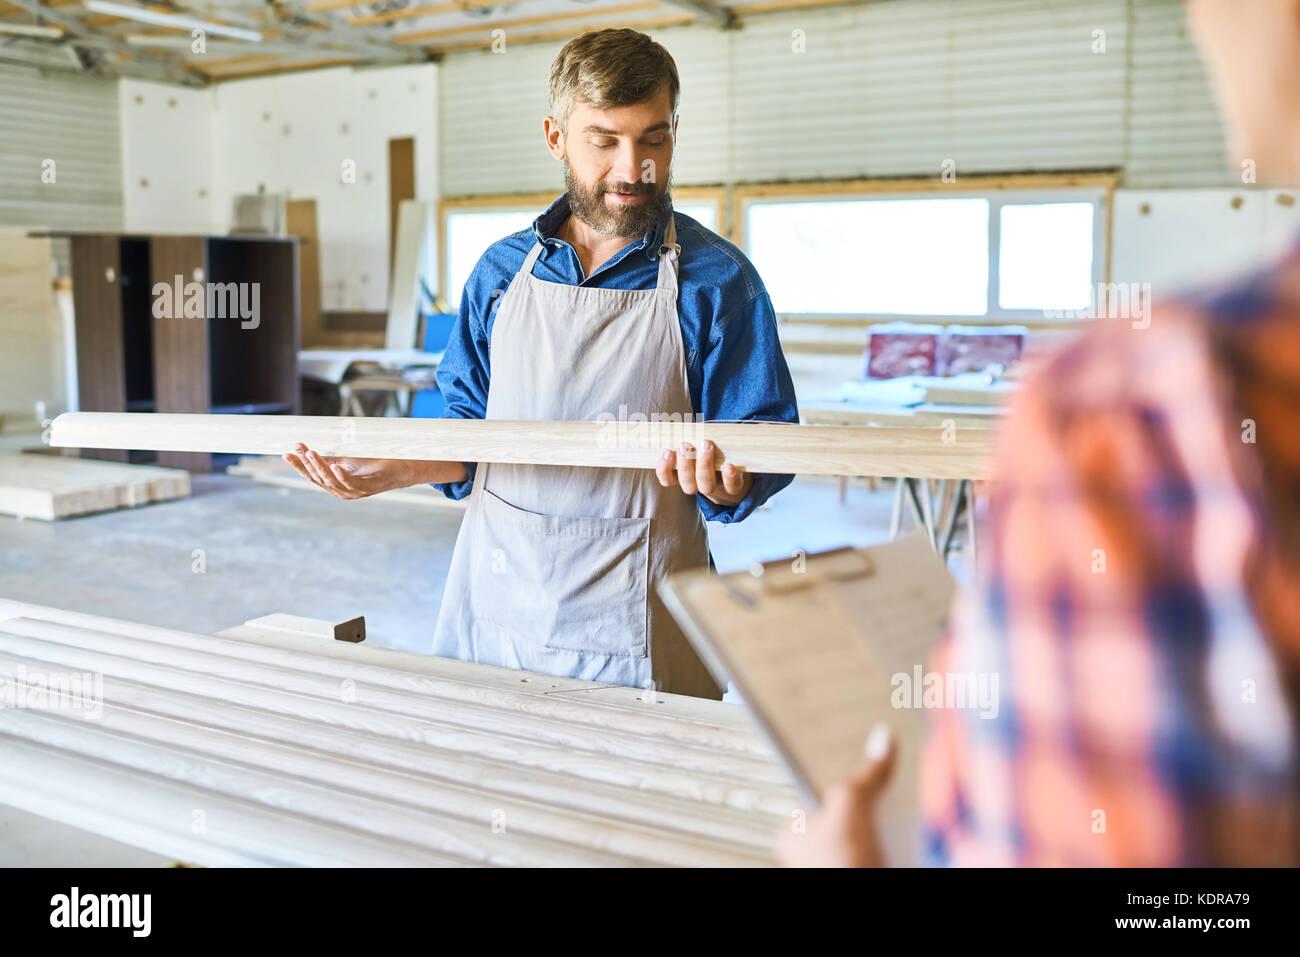 Skilled Carpenter Choosing Wood Material - Stock Image